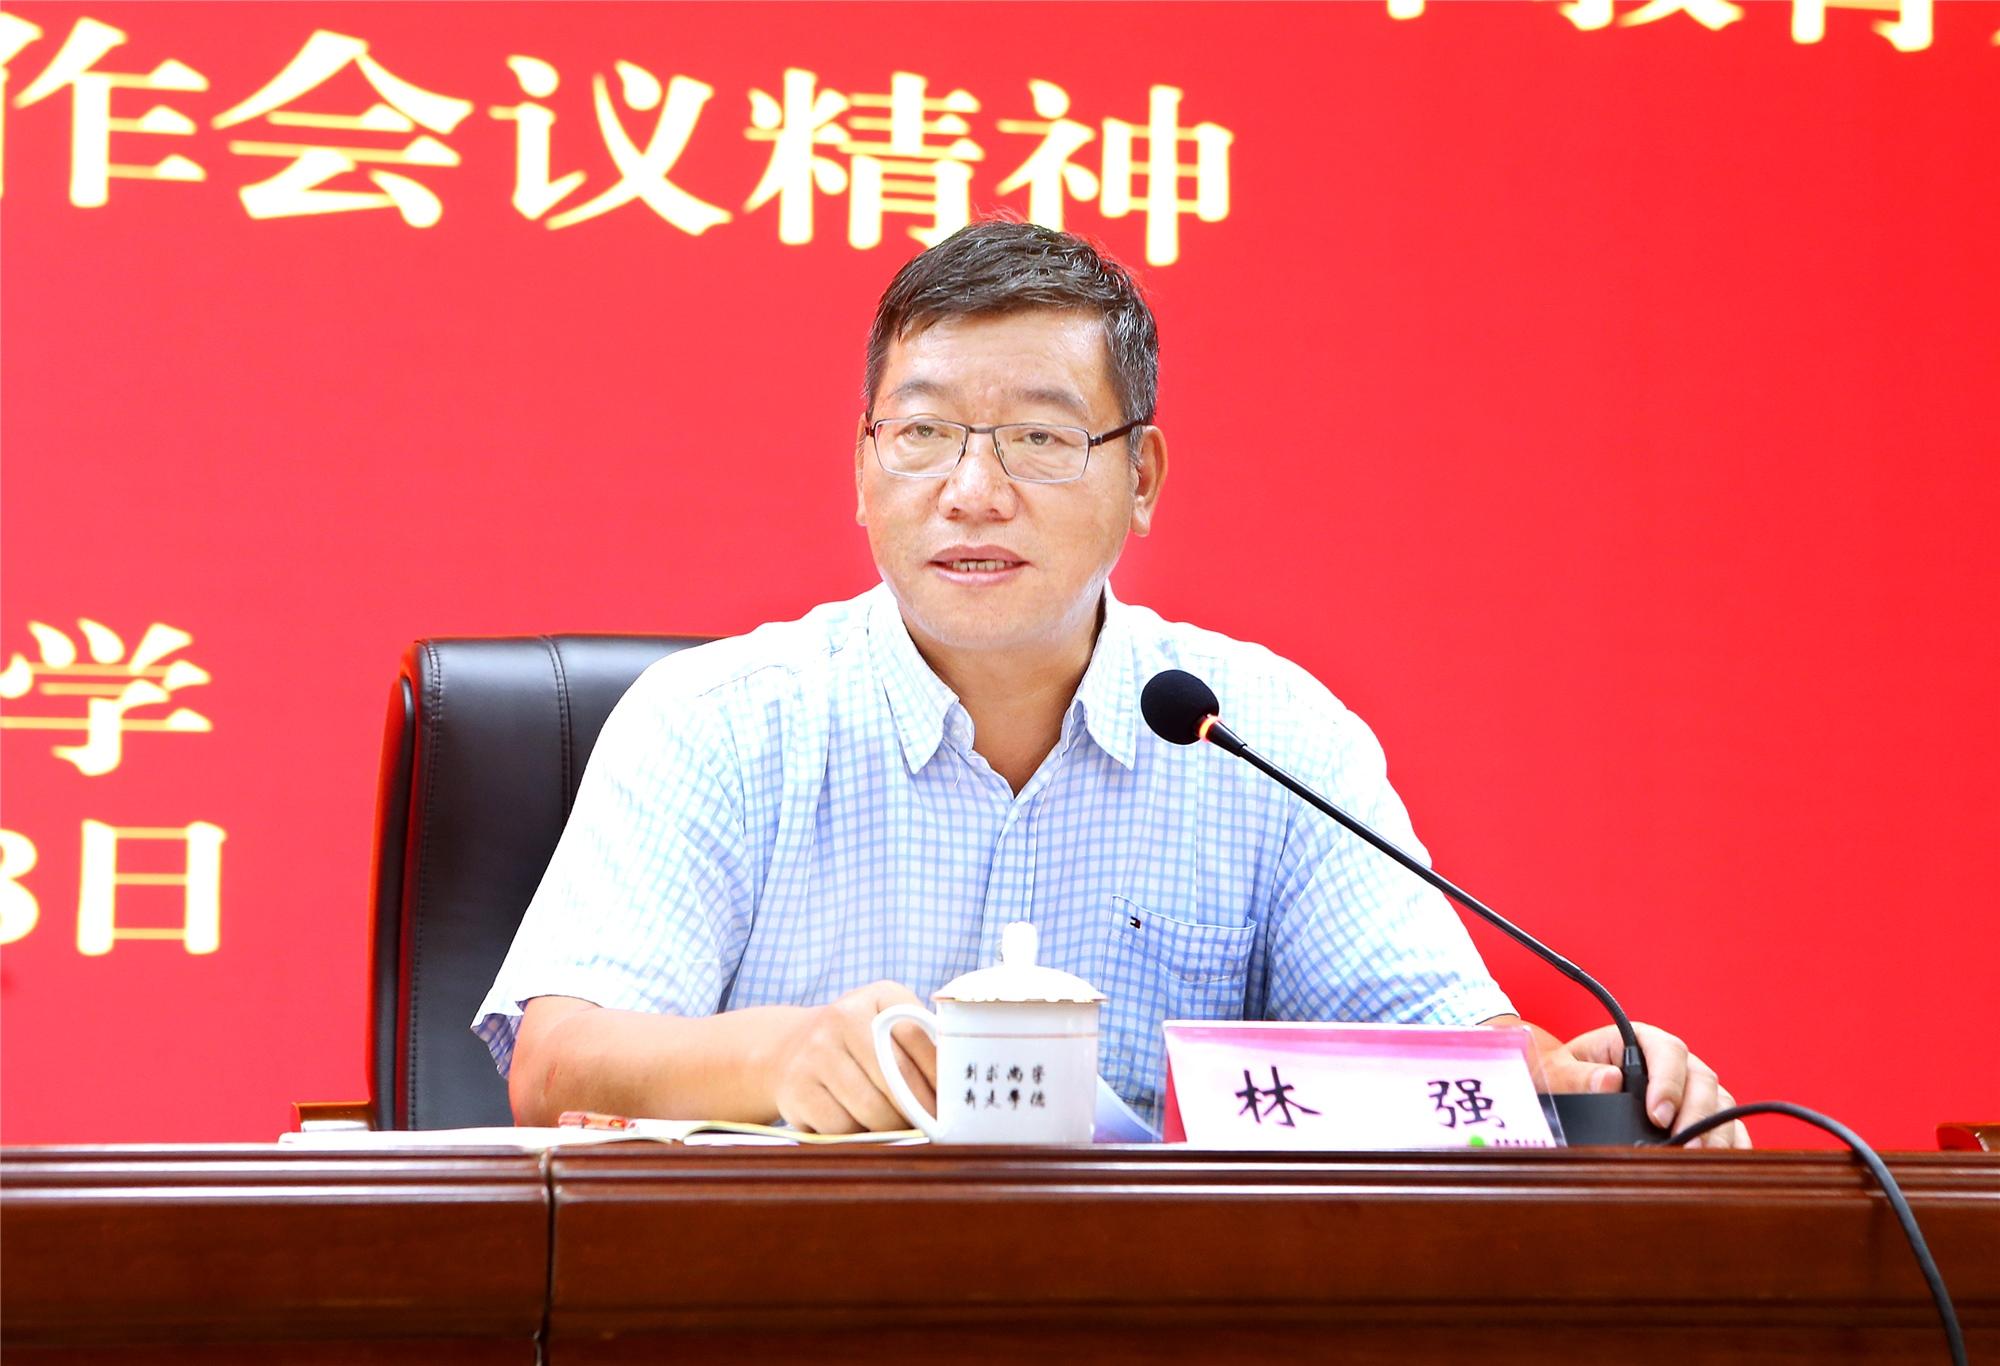 我校传达研龚教育部和海南省2020年教育系统都面从严治党任务集会精神